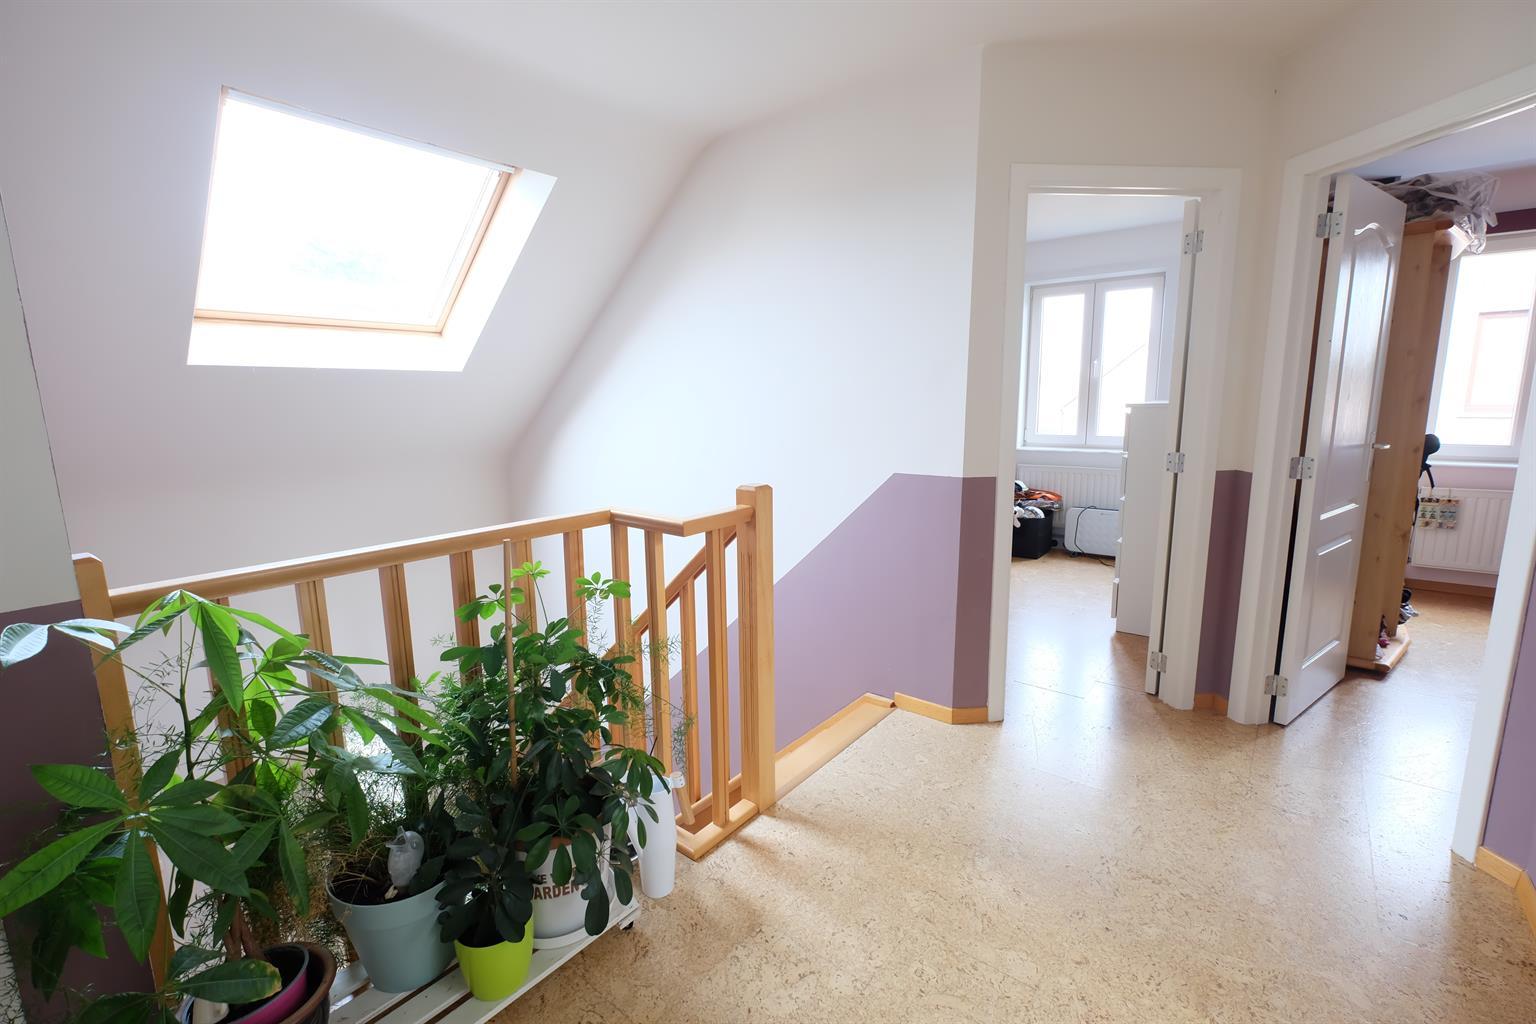 Maison - Braine-le-Comte - #3807531-7